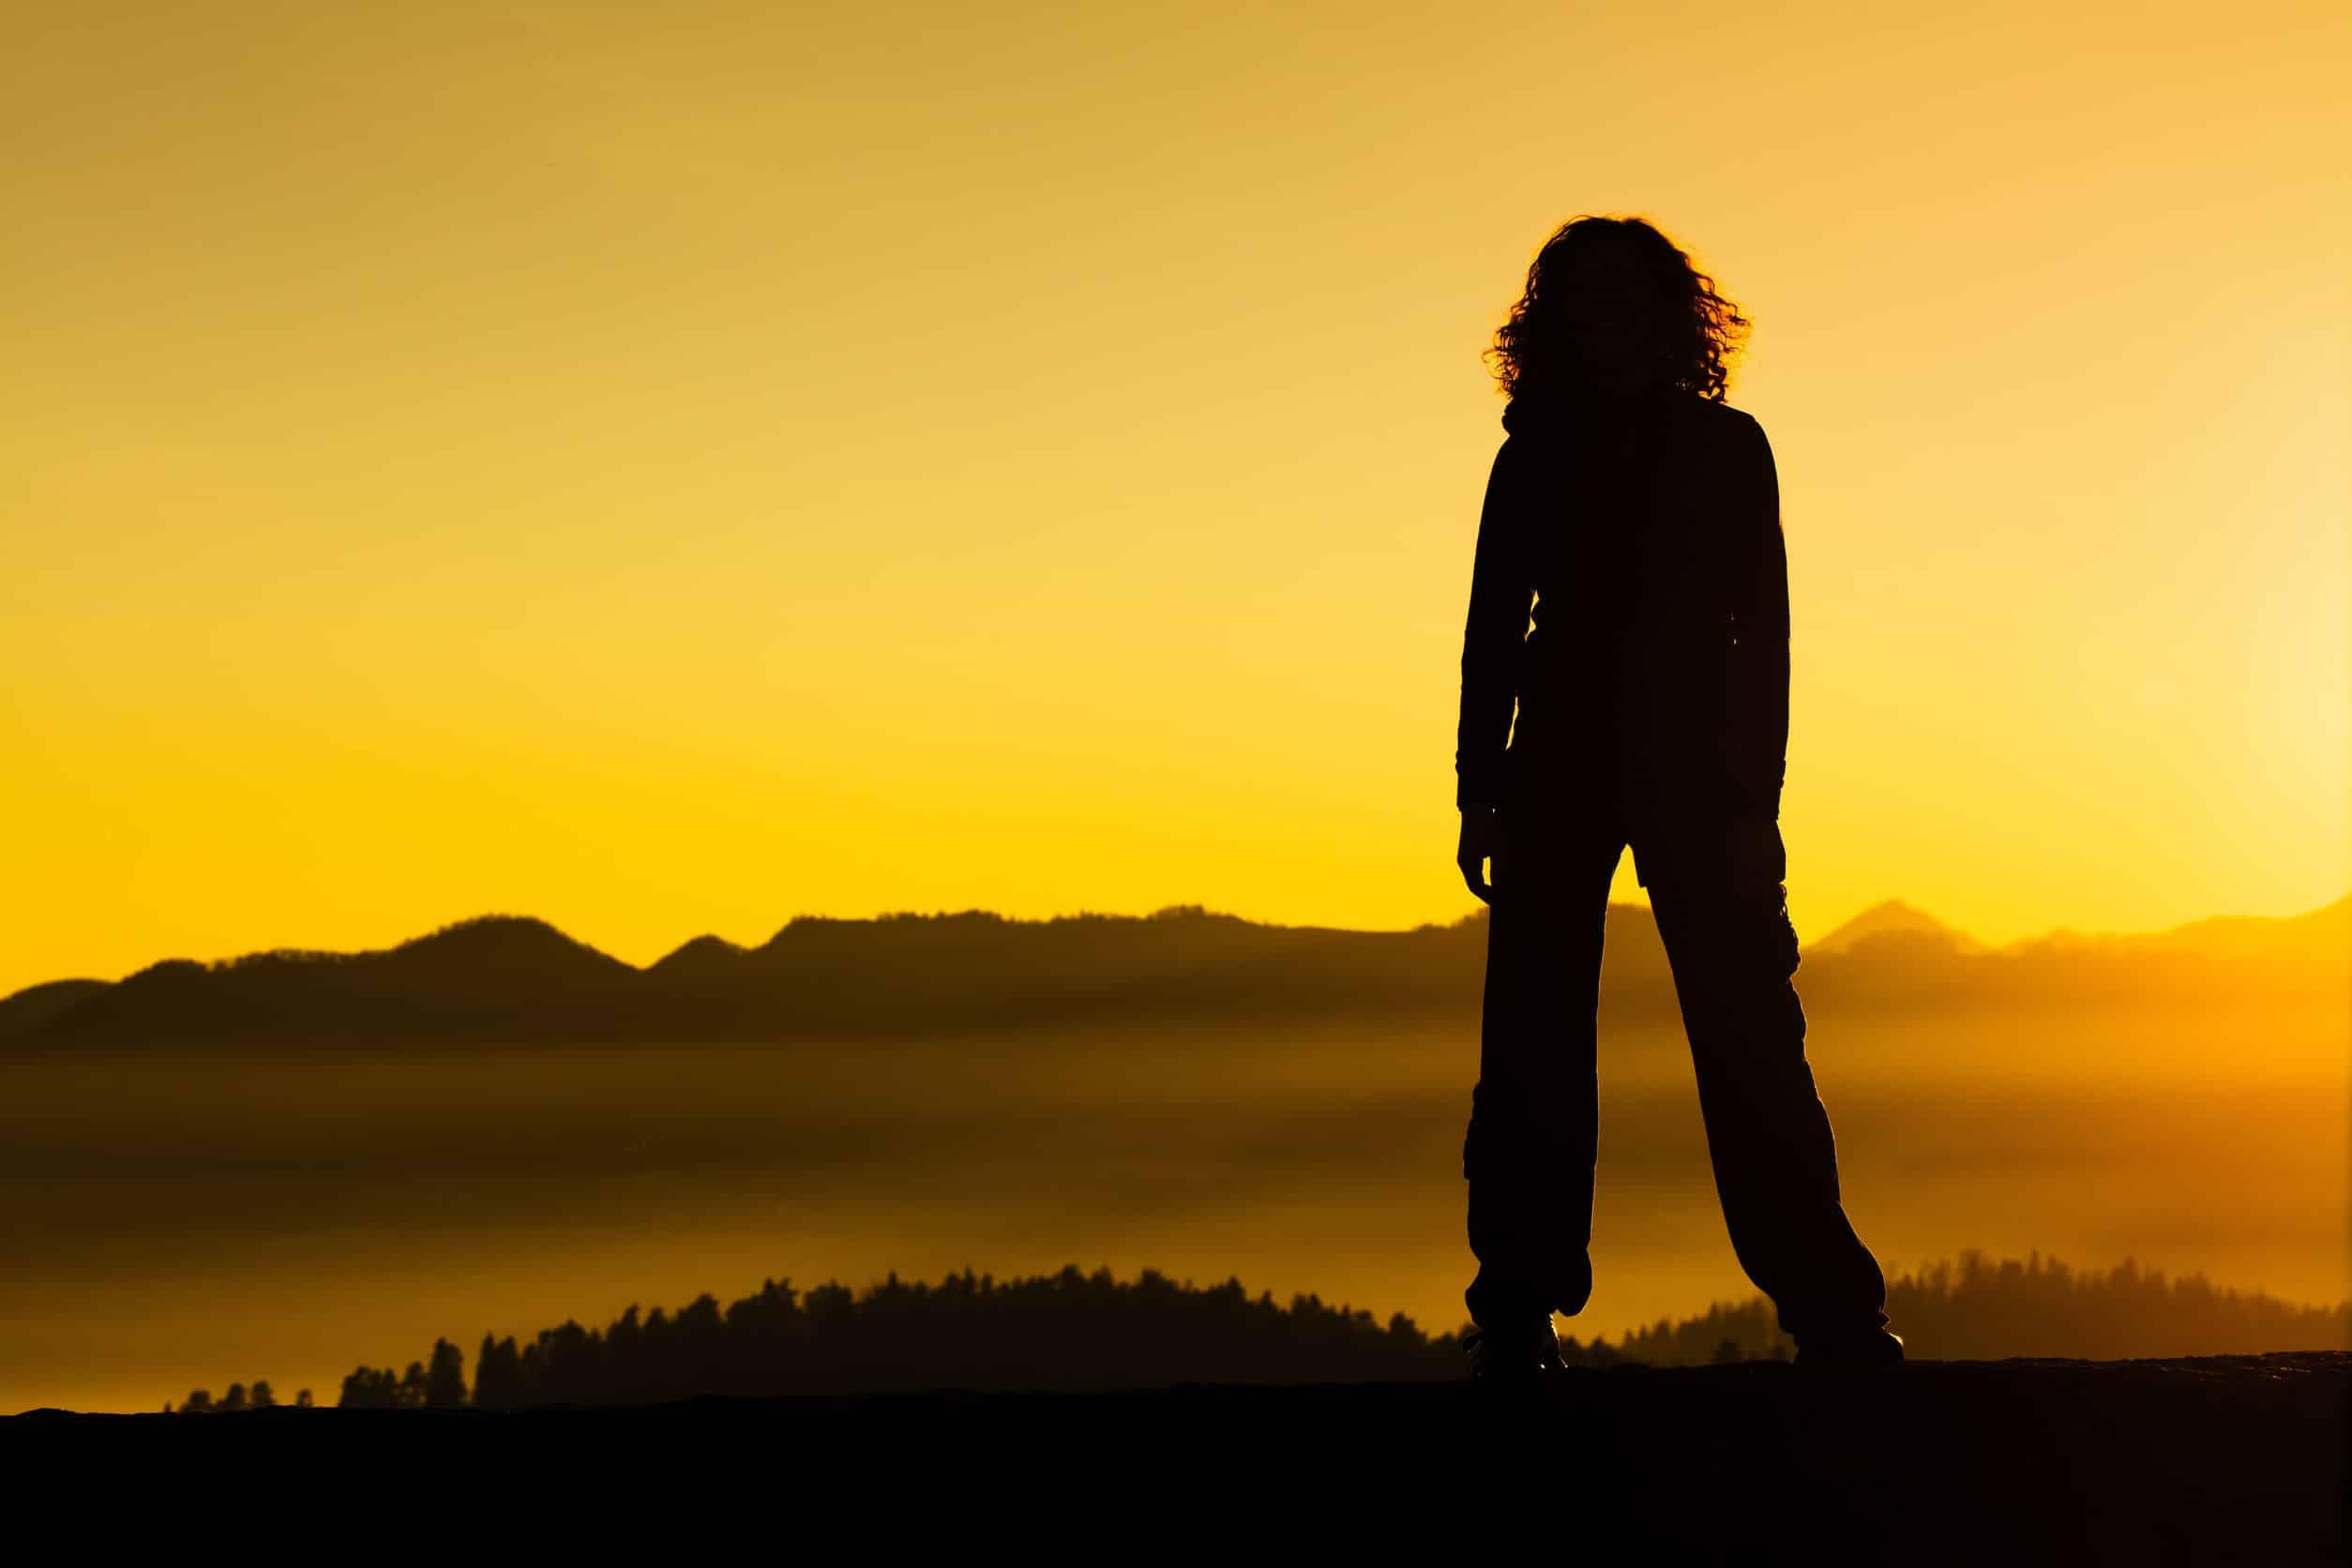 Silhueta de mulher em pé em cima de montanha observando o horizonte com o pôr do sol.